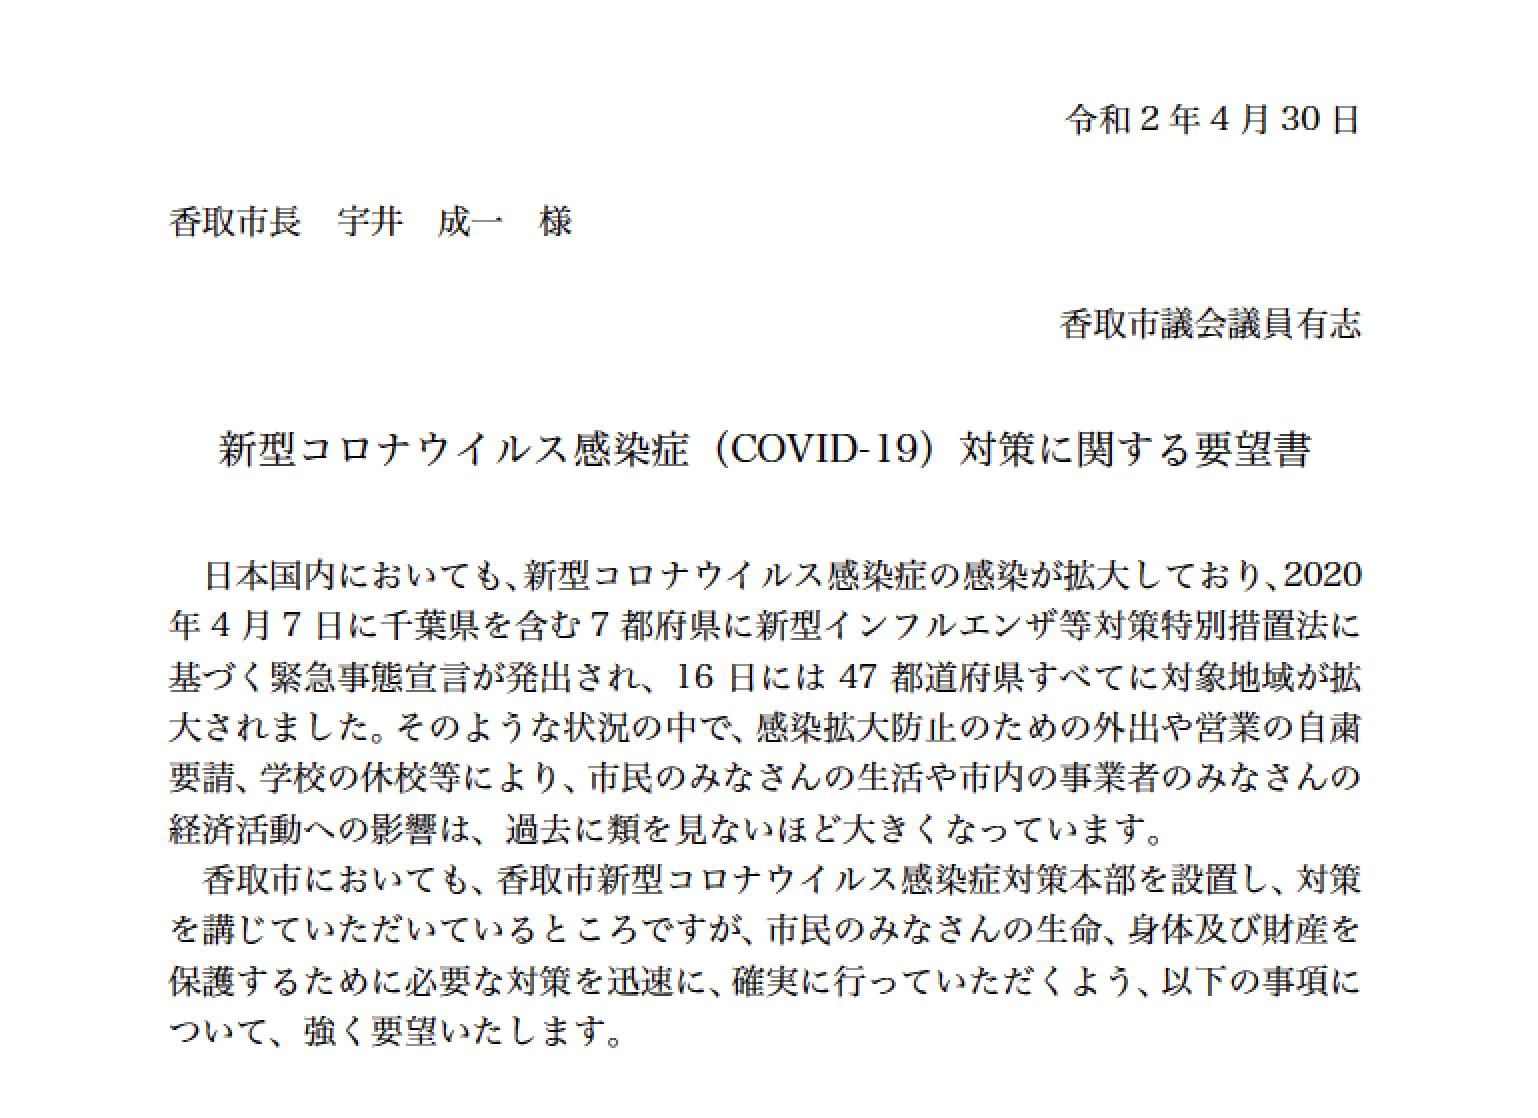 新型コロナウイルス感染症(COVID-19)対策に関する要望書